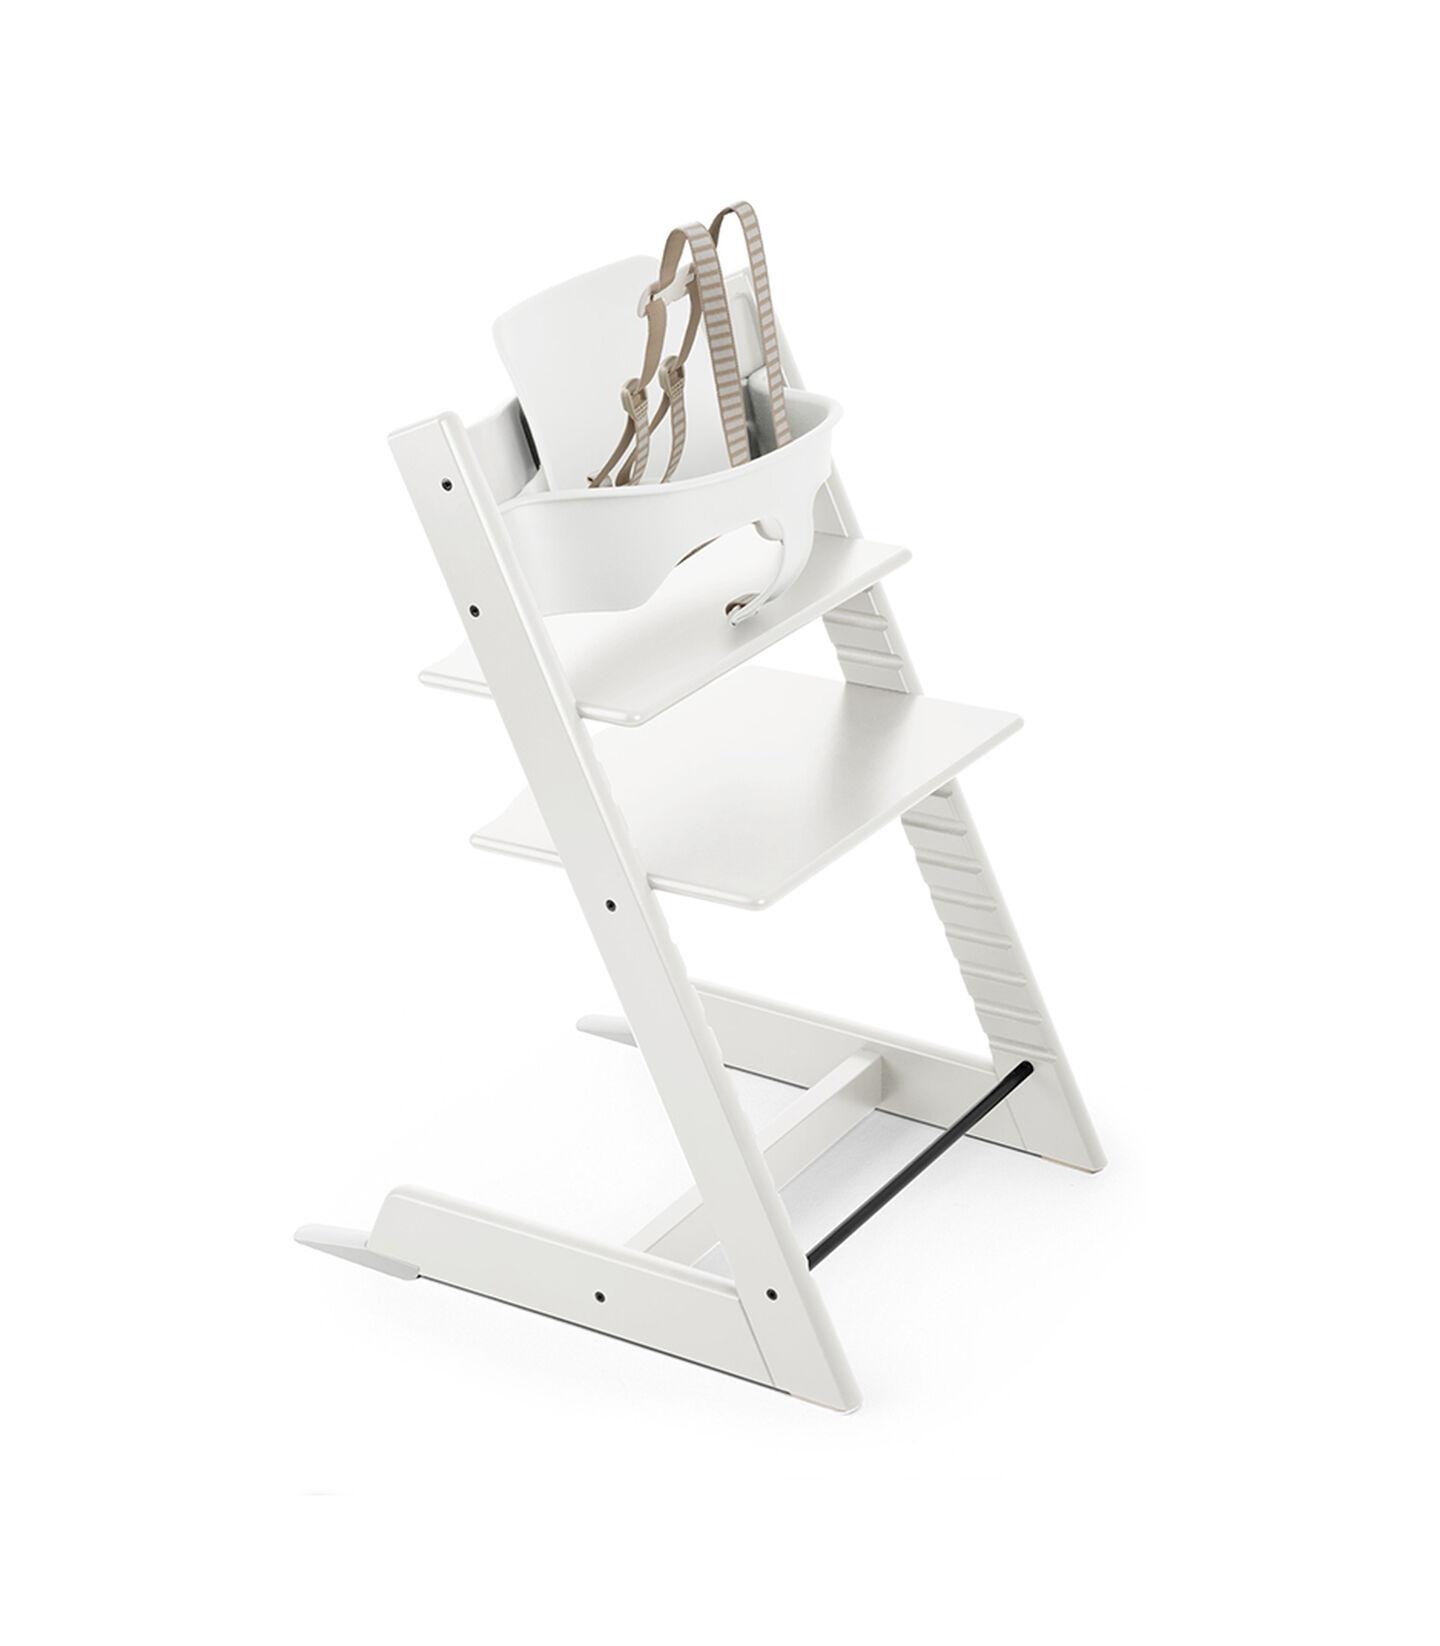 Tripp Trapp® Baby Set White, White, mainview